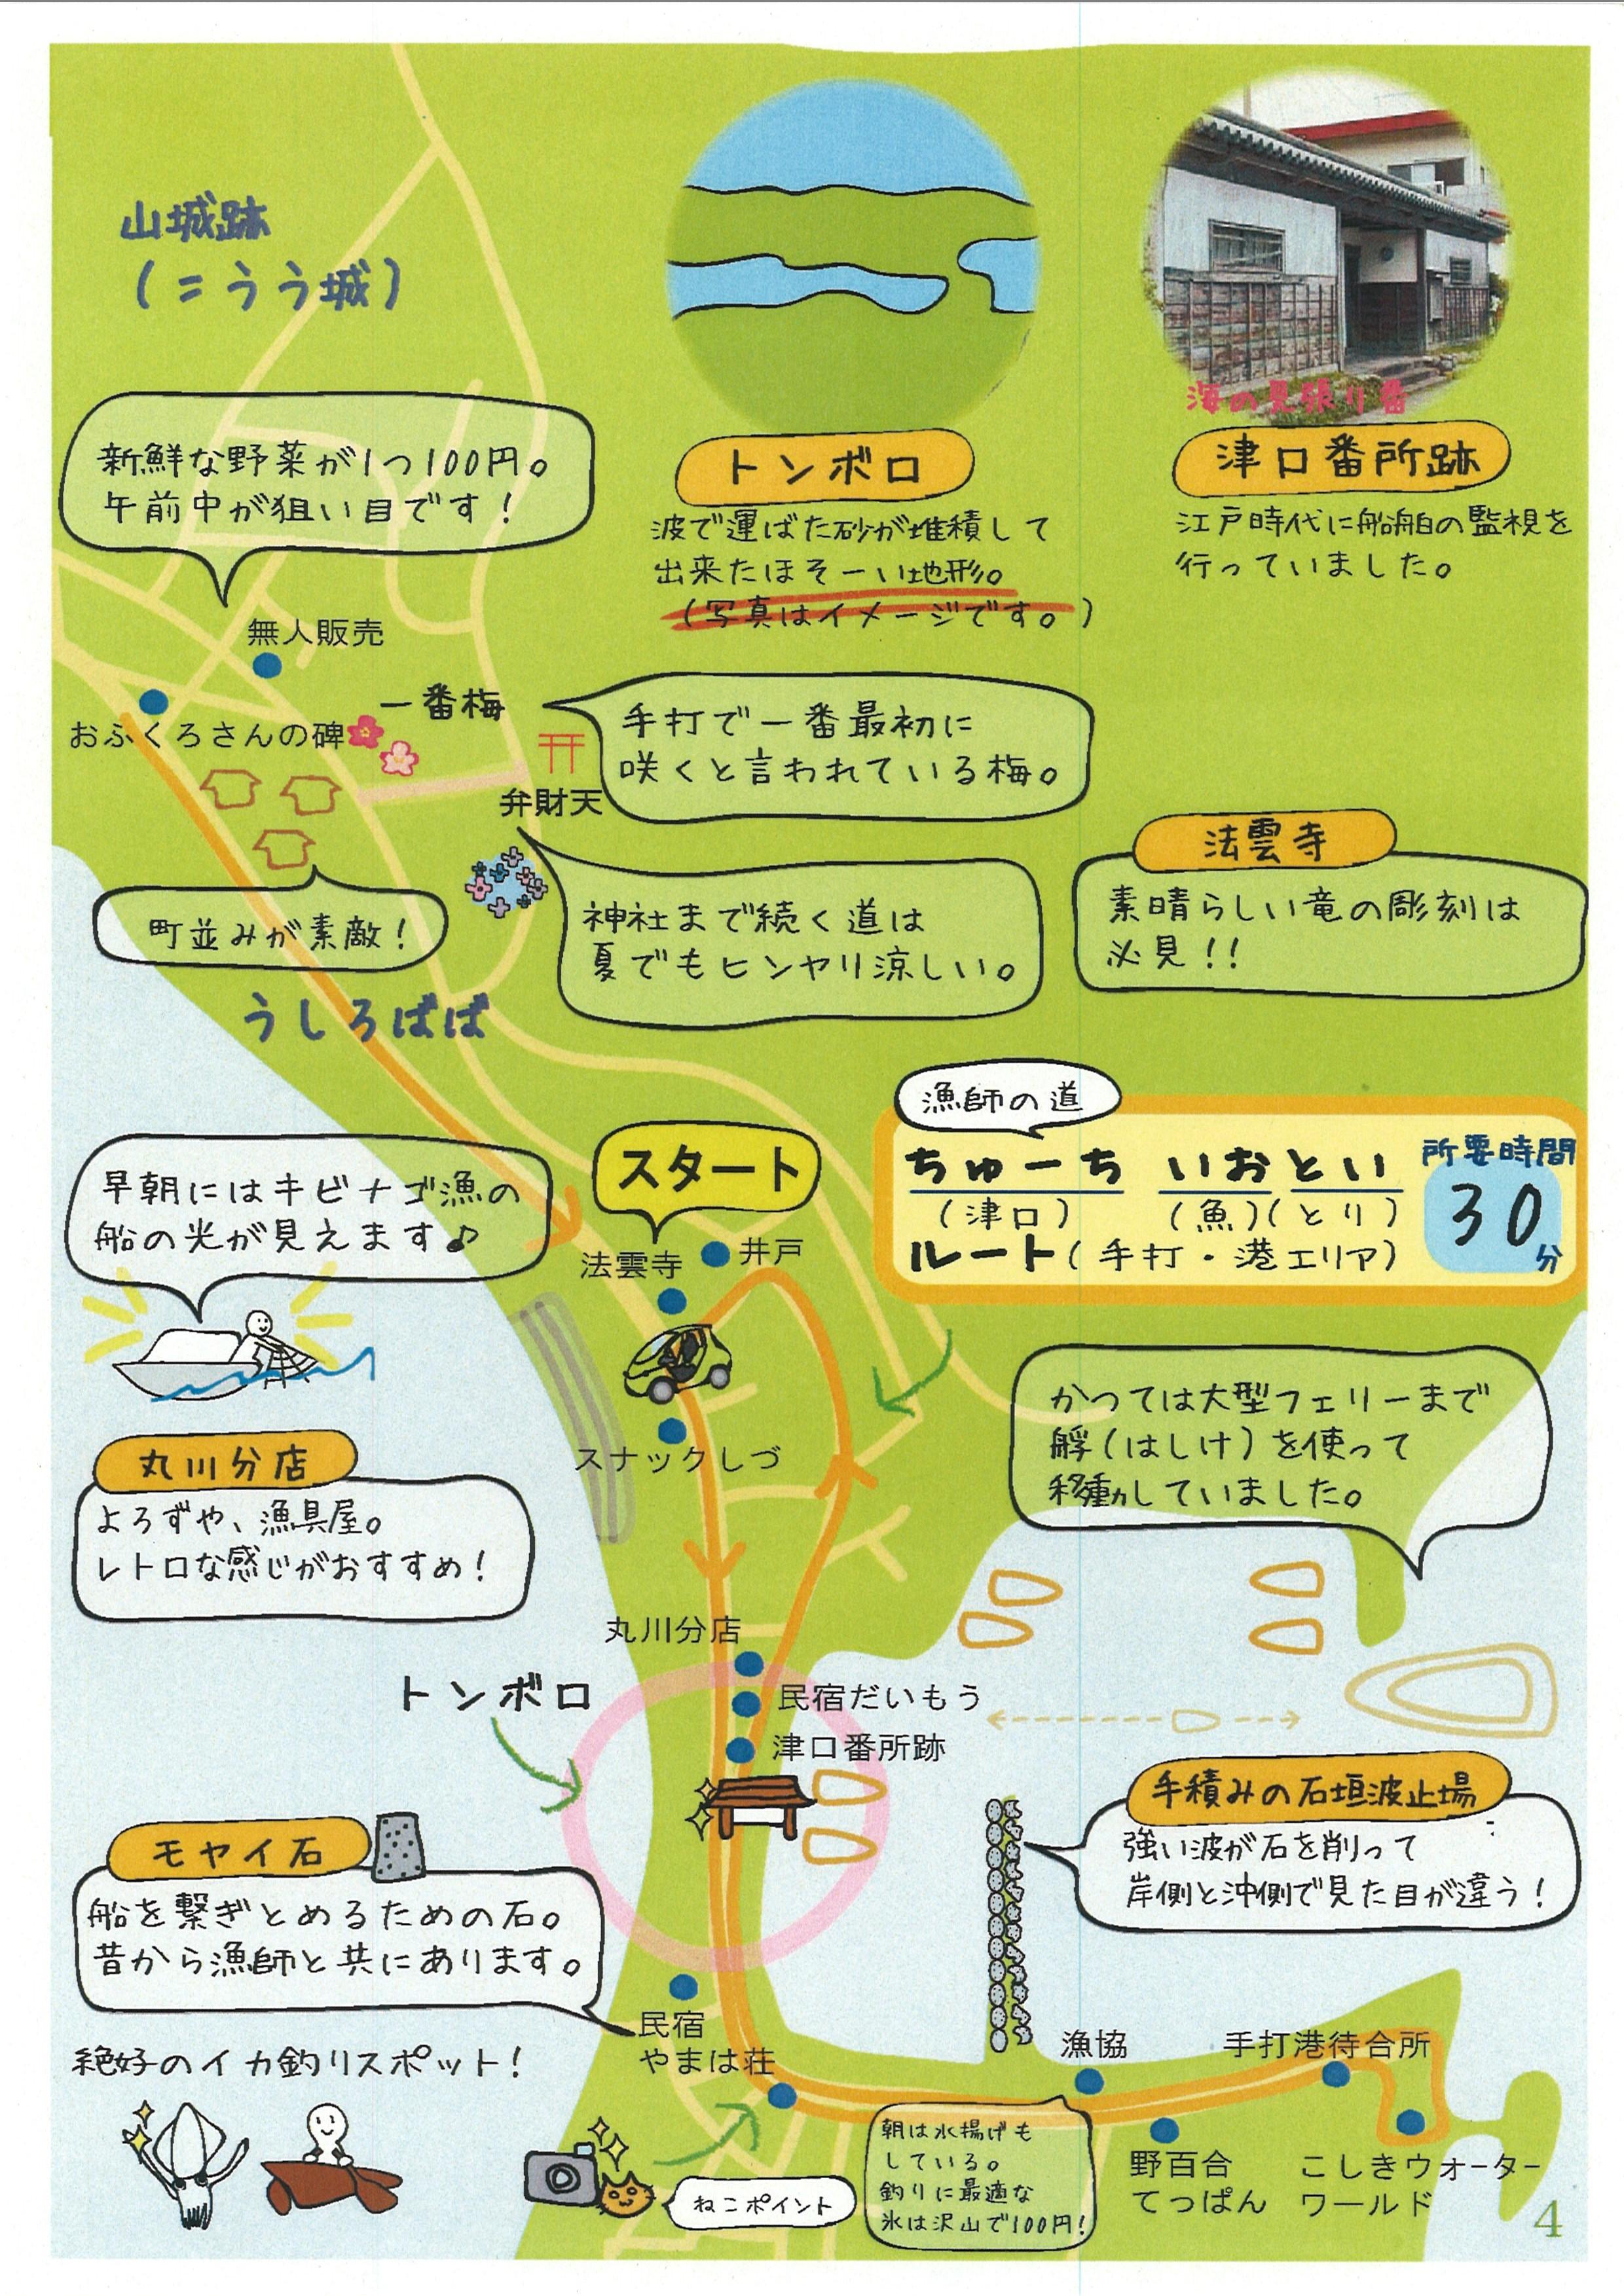 手作りマップ(下甑町手打地区港エリア)